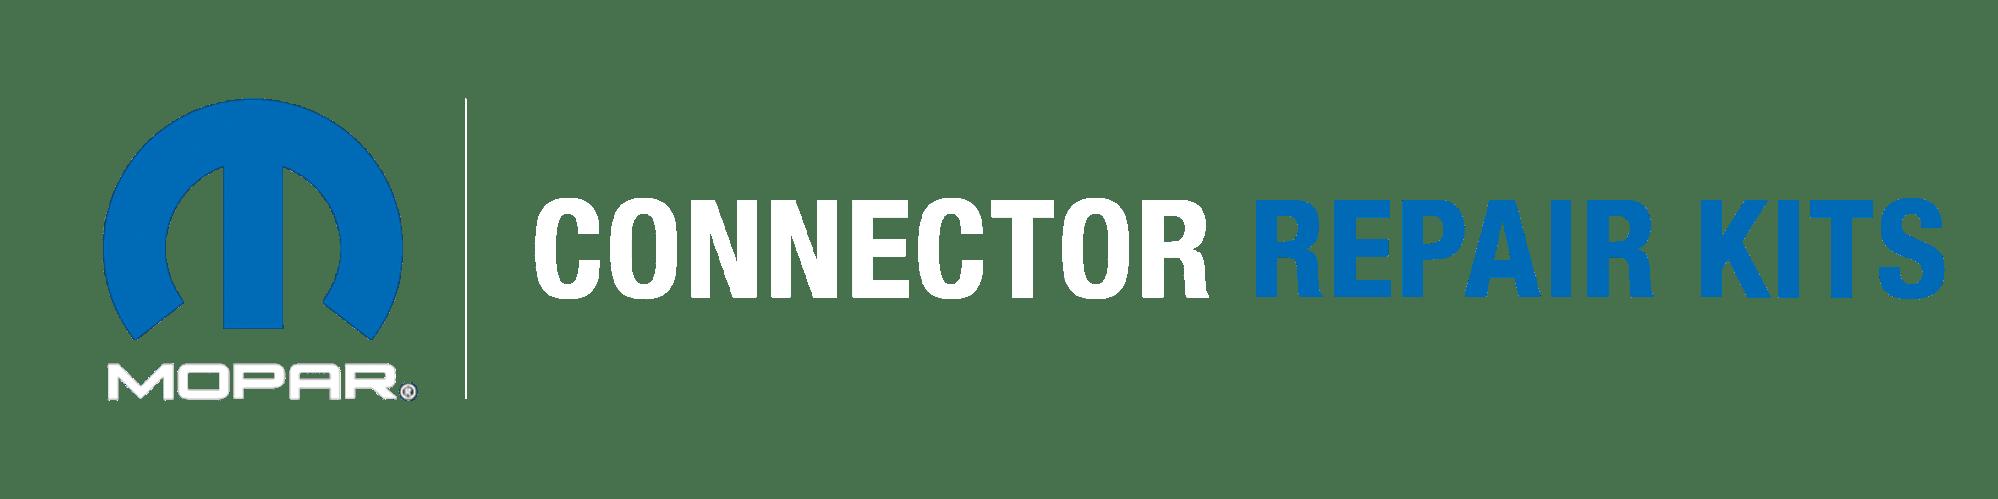 hight resolution of mopar connector repair kits